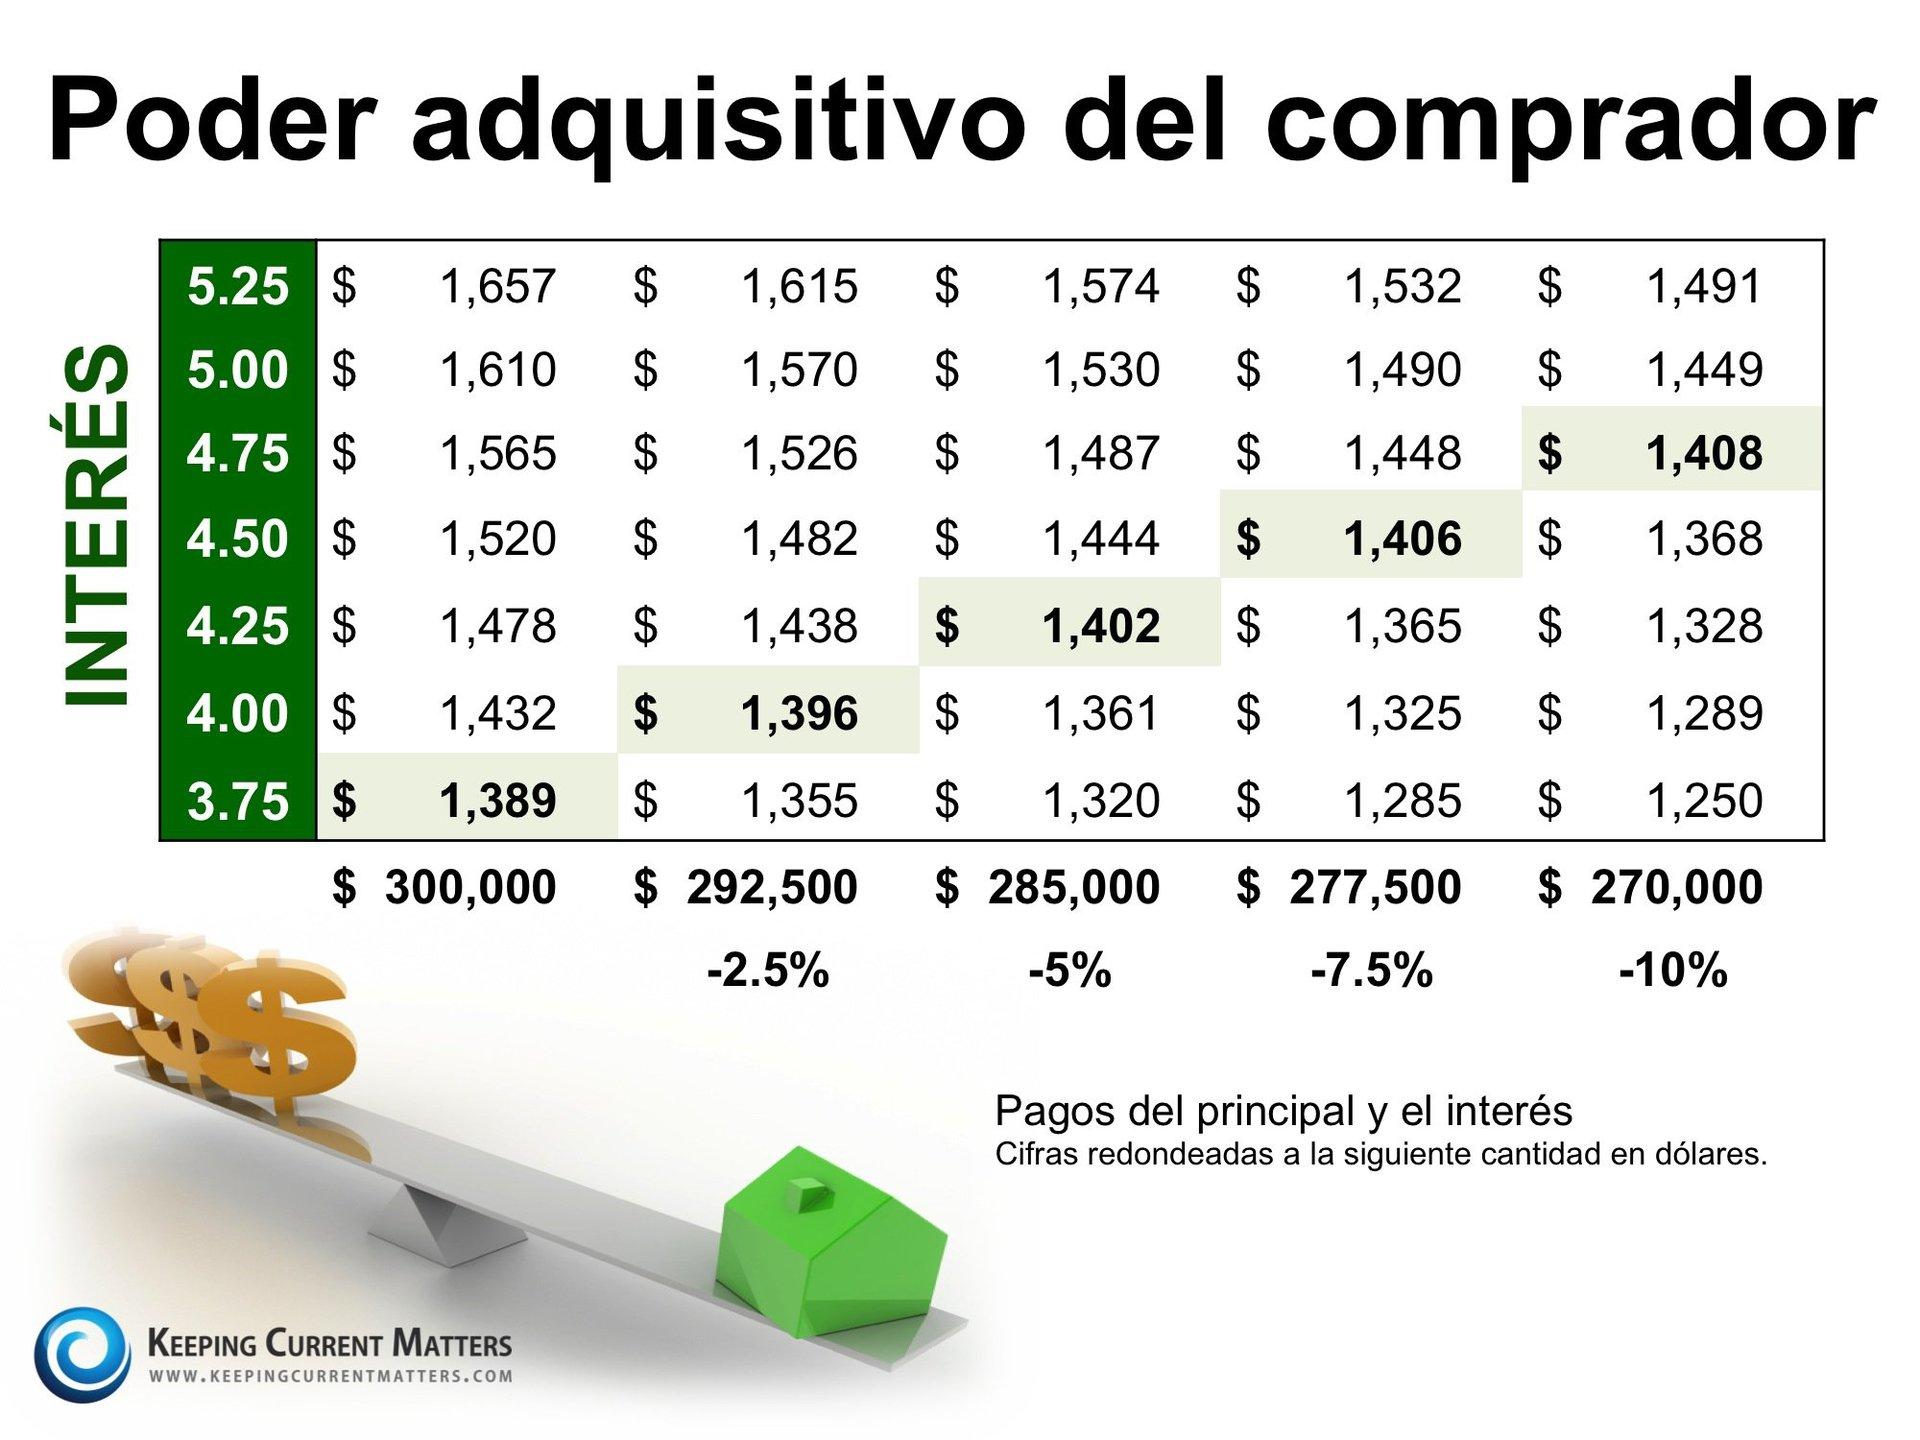 Poder adquisitivo del comprador | Keeping Current Matters